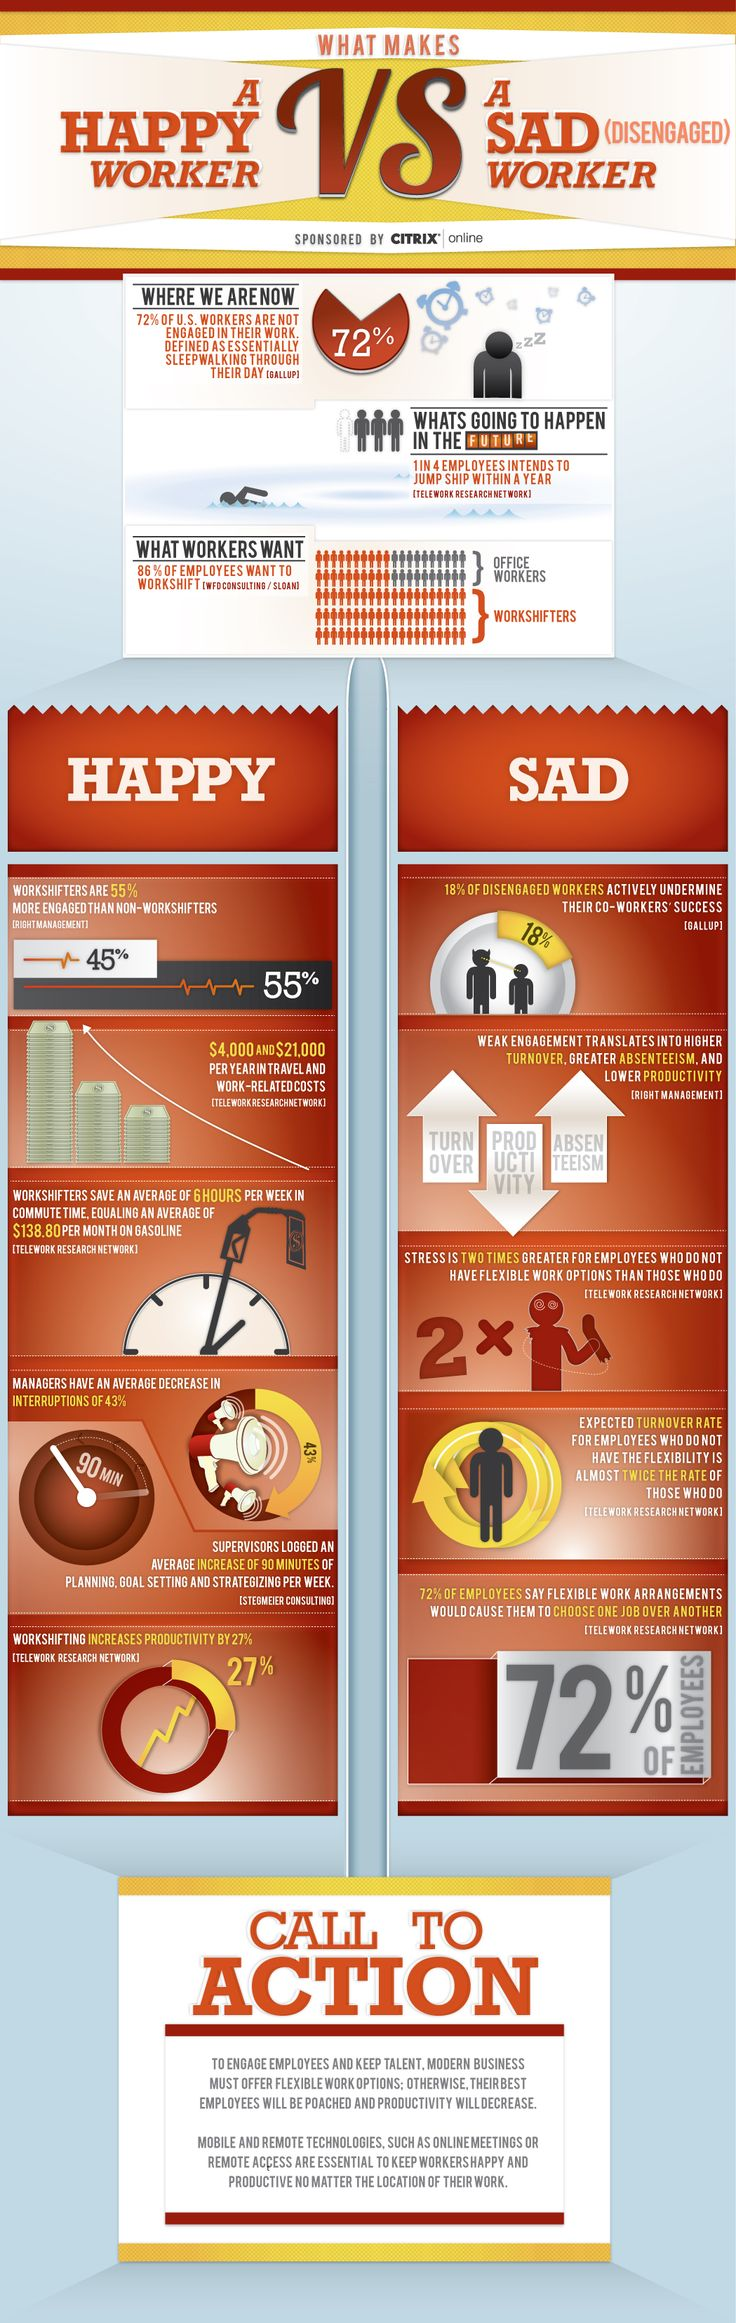 Flexible Arbeitszeit: Motivations-Kick für Mitarbeiter (#Infografik)